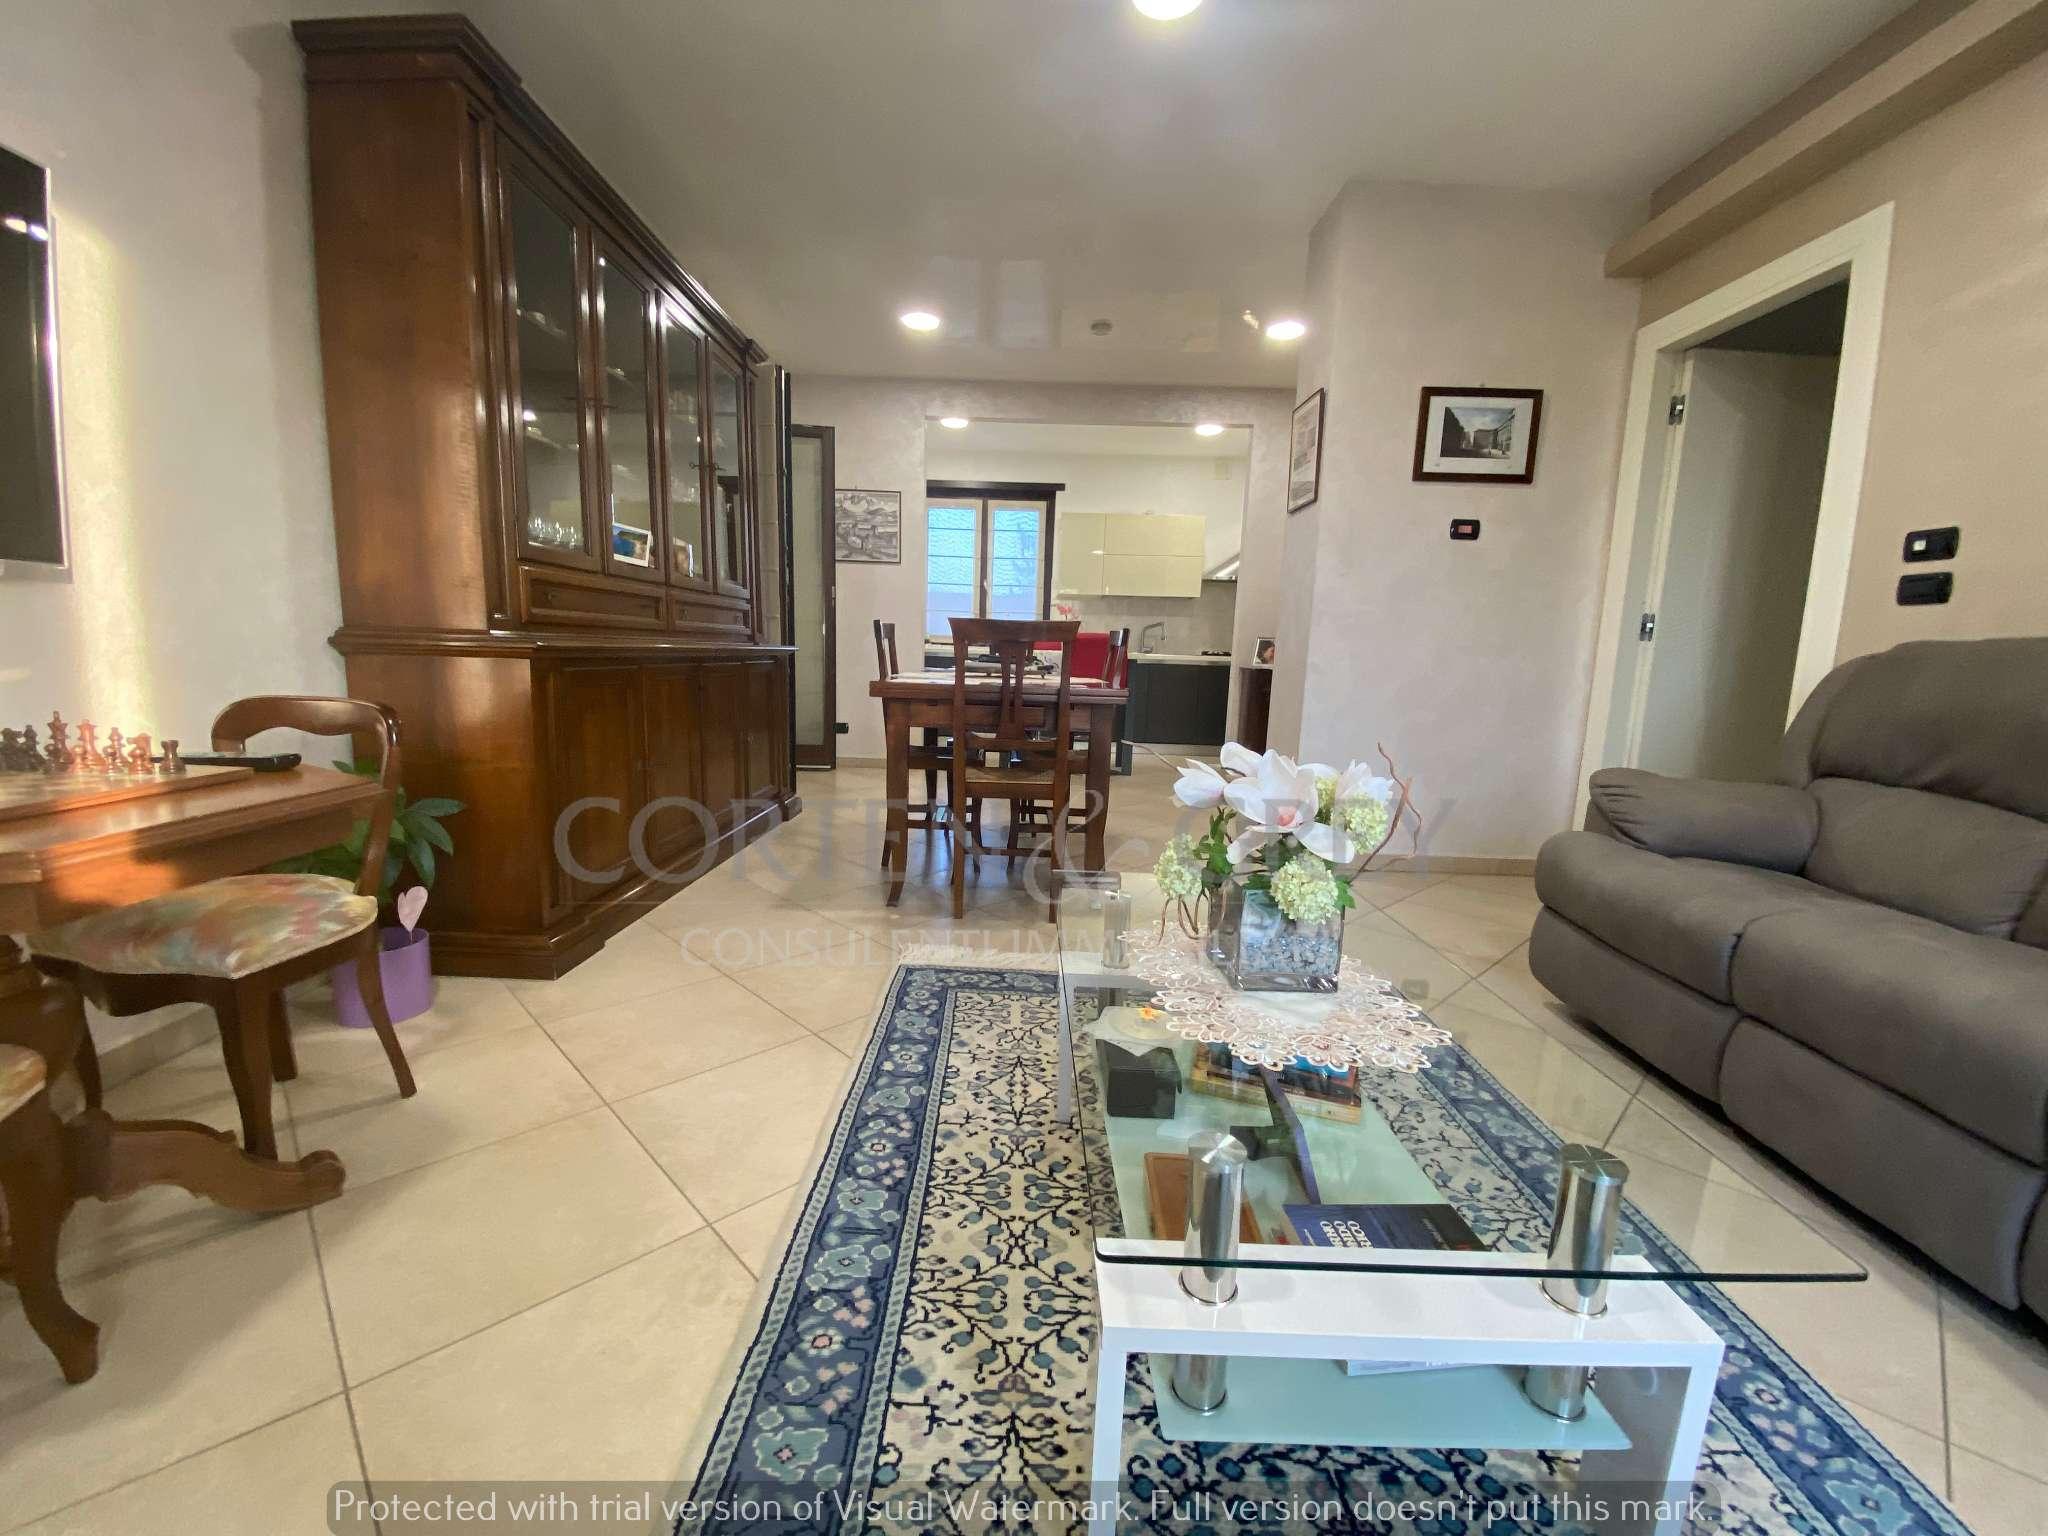 Appartamento in vendita a San Mauro Torinese, 7 locali, prezzo € 375.000 | PortaleAgenzieImmobiliari.it